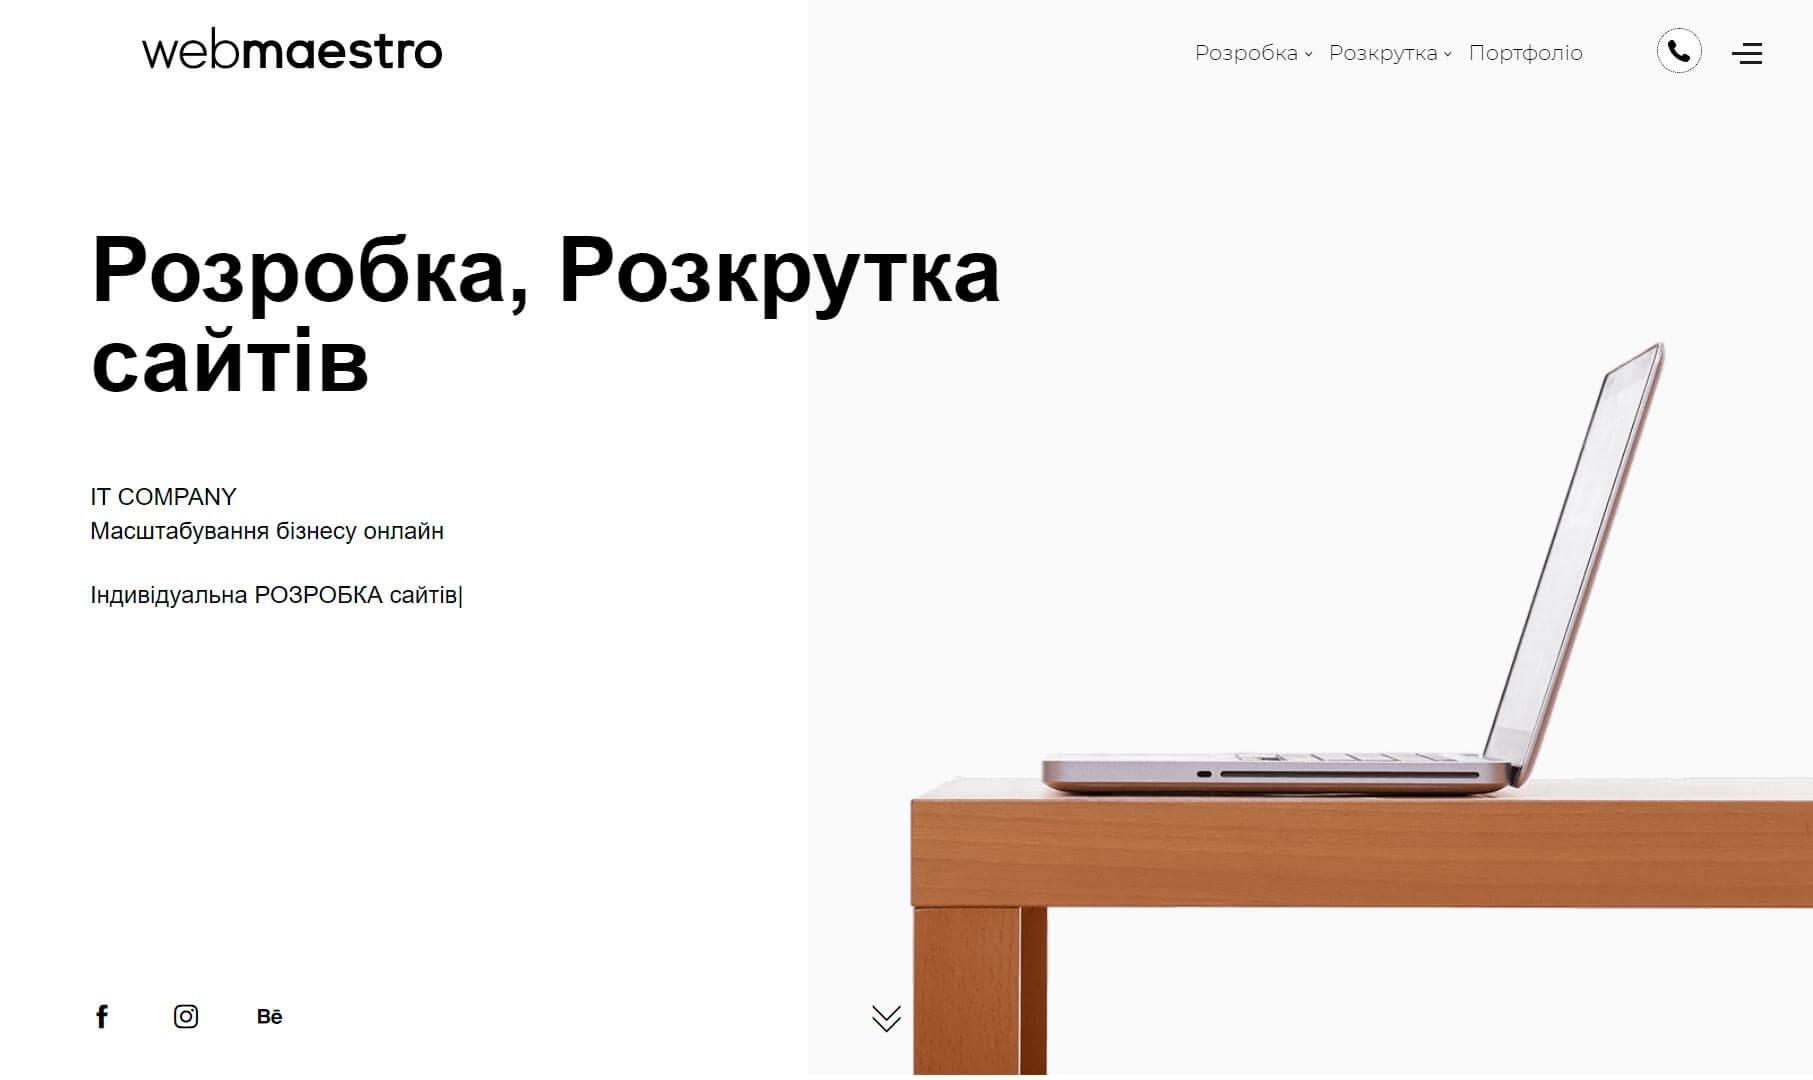 Webmaestro - обзор компании, услуги, отзывы, клиенты, Фото № 1 - google-seo.pro